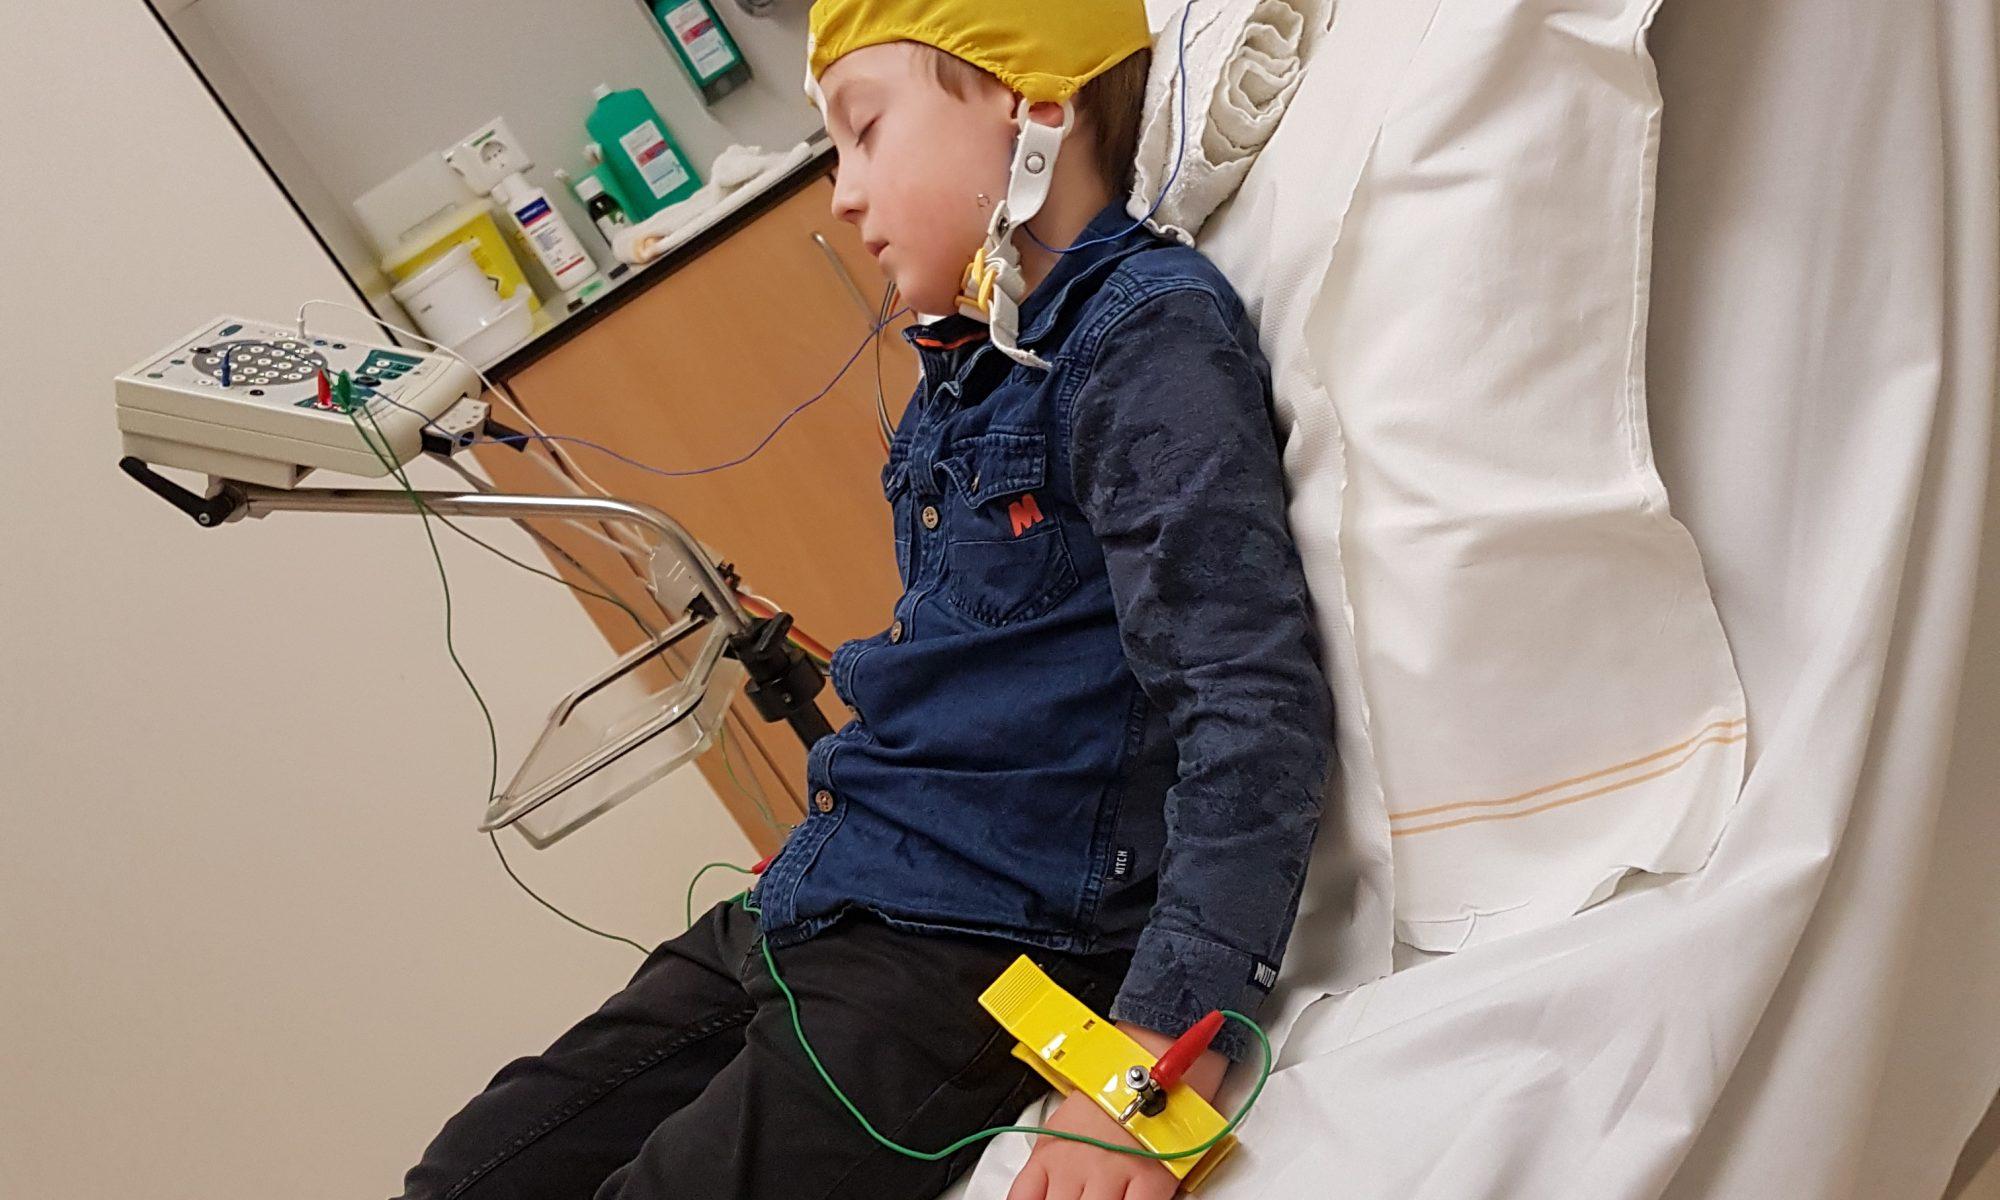 Zilveren kruis weigert vergoeding Ospolot bij kindje met ESES Syndroom